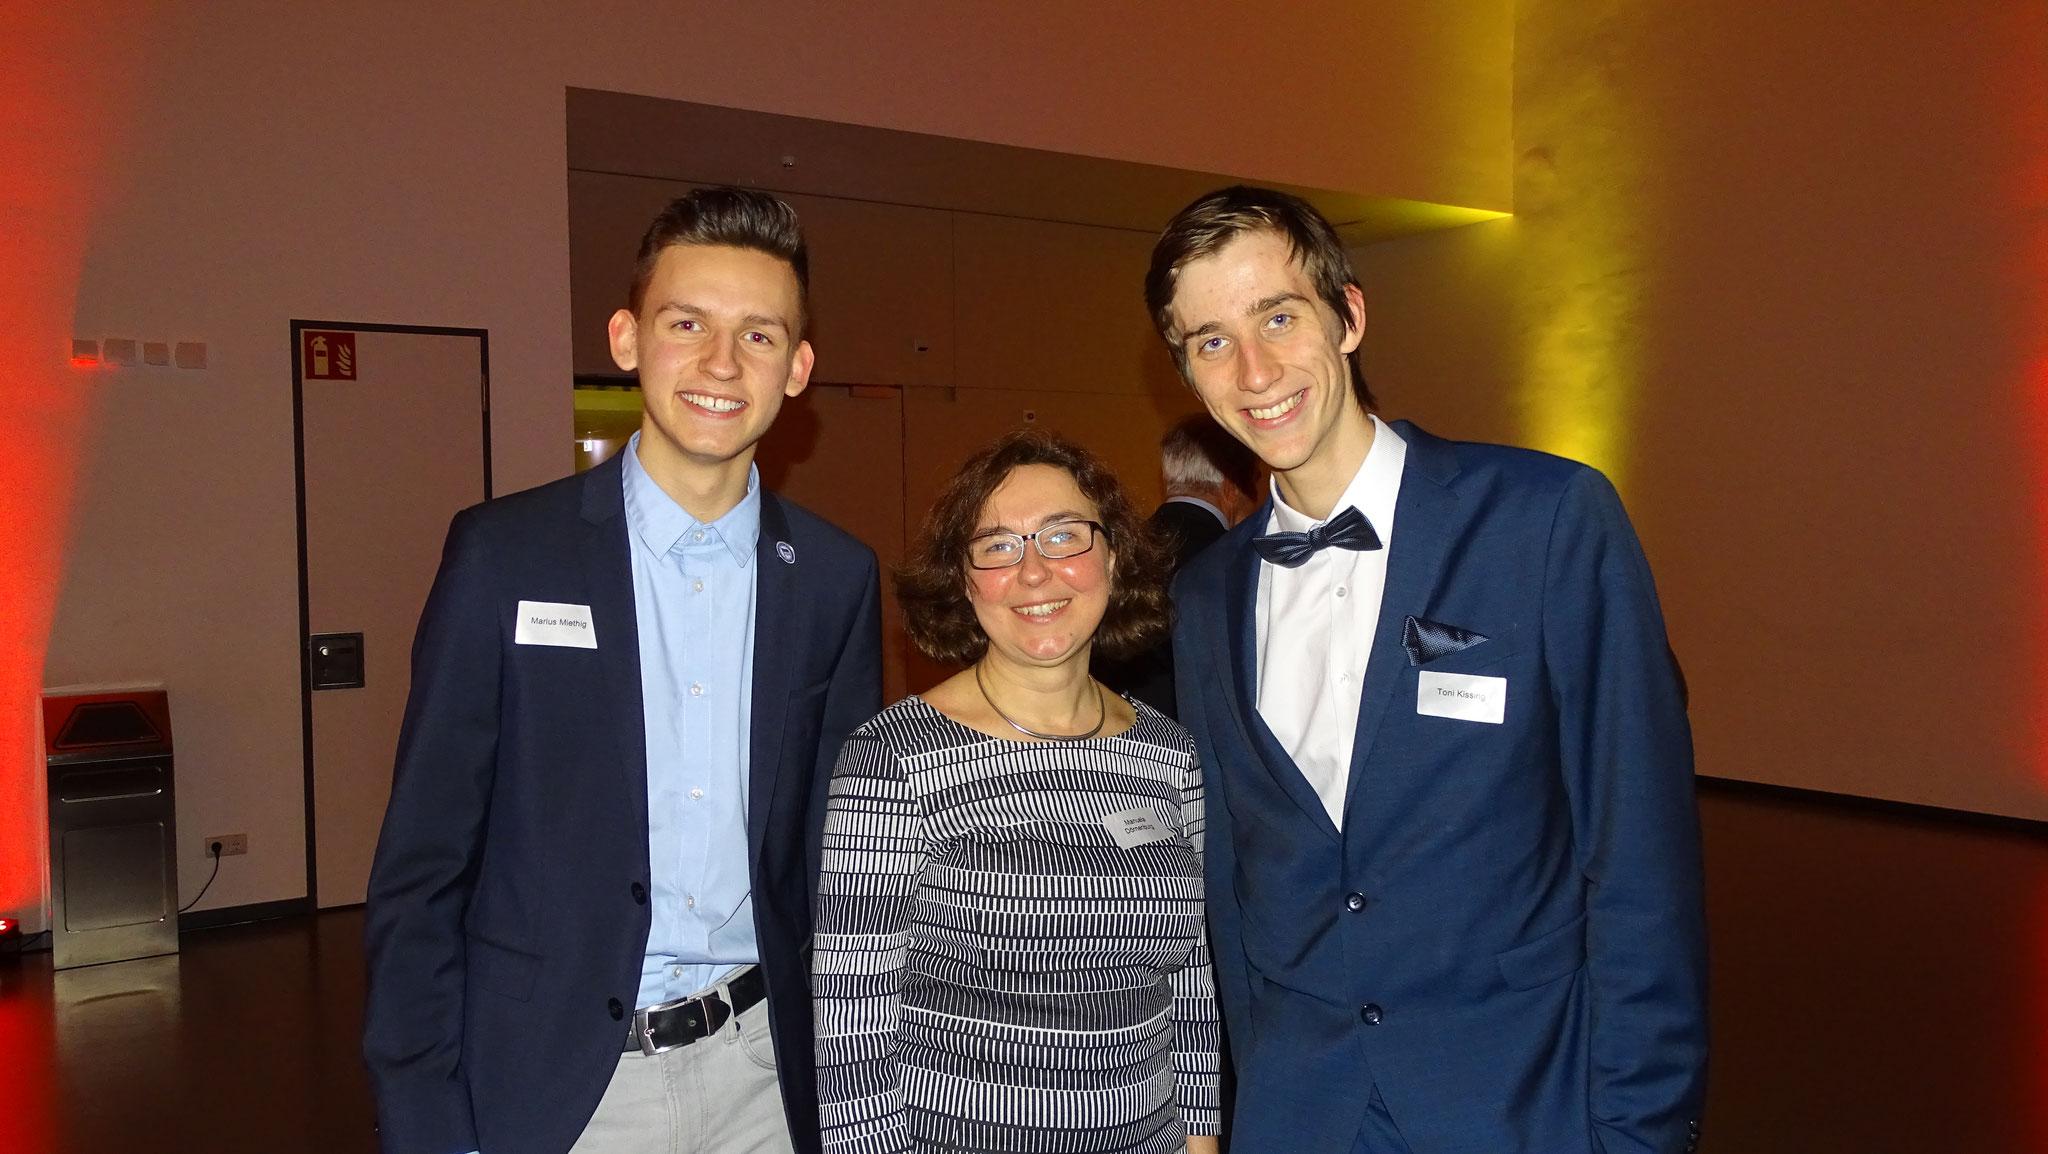 Eine gute bekannte aus unserer alltäglichen Arbeit: Manuela Dörnenburg, die Gleichstellungs- und Intergrationsbeauftragte.